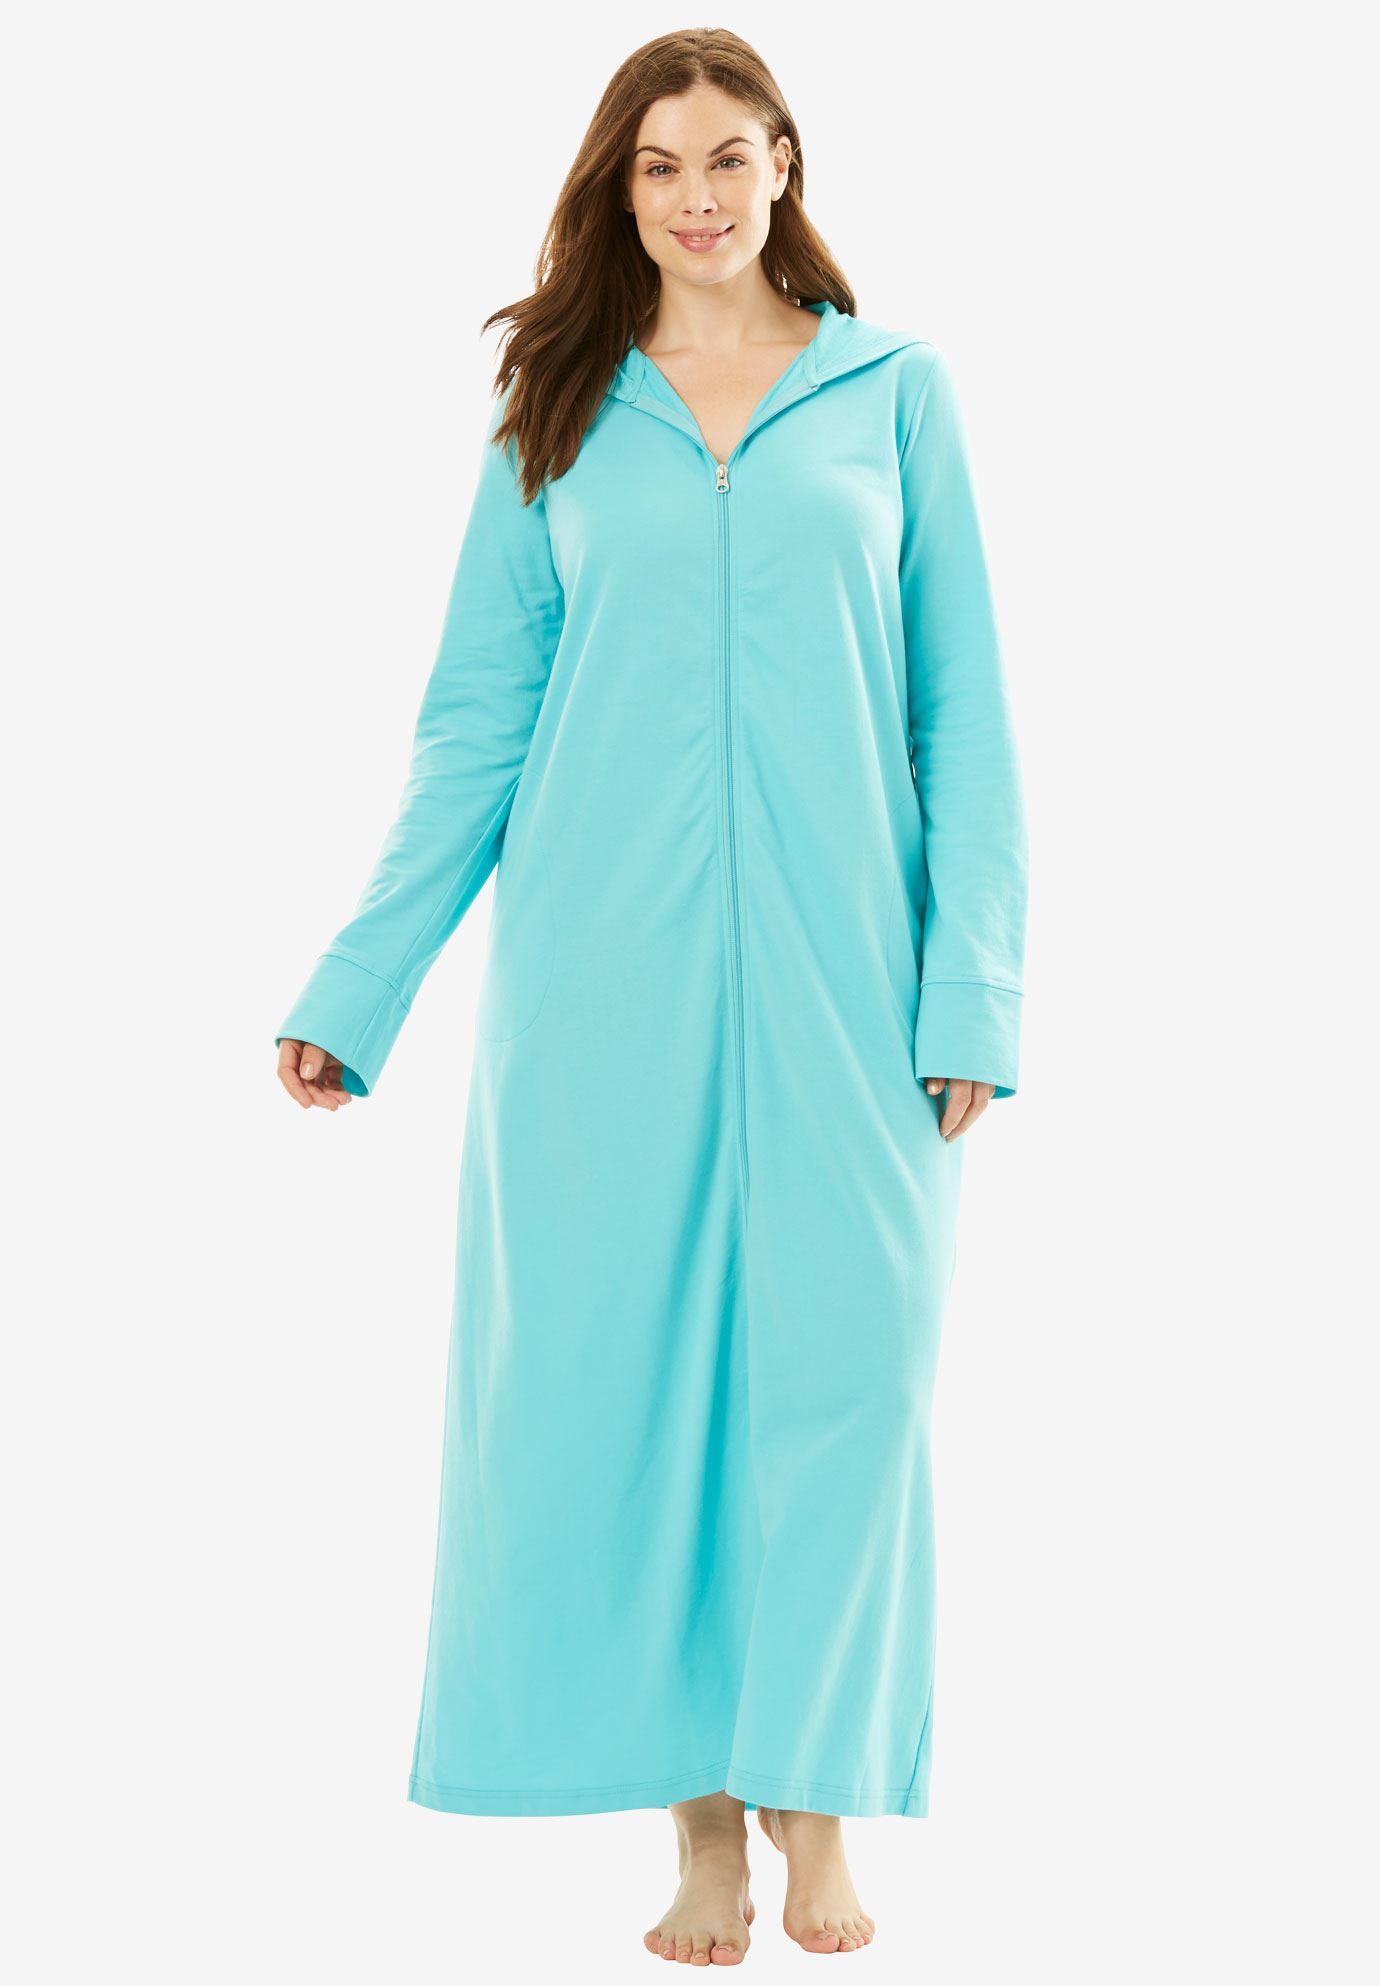 Long Zip Front Robe By Dreams Amp Co 174 Plus Size Sleepwear